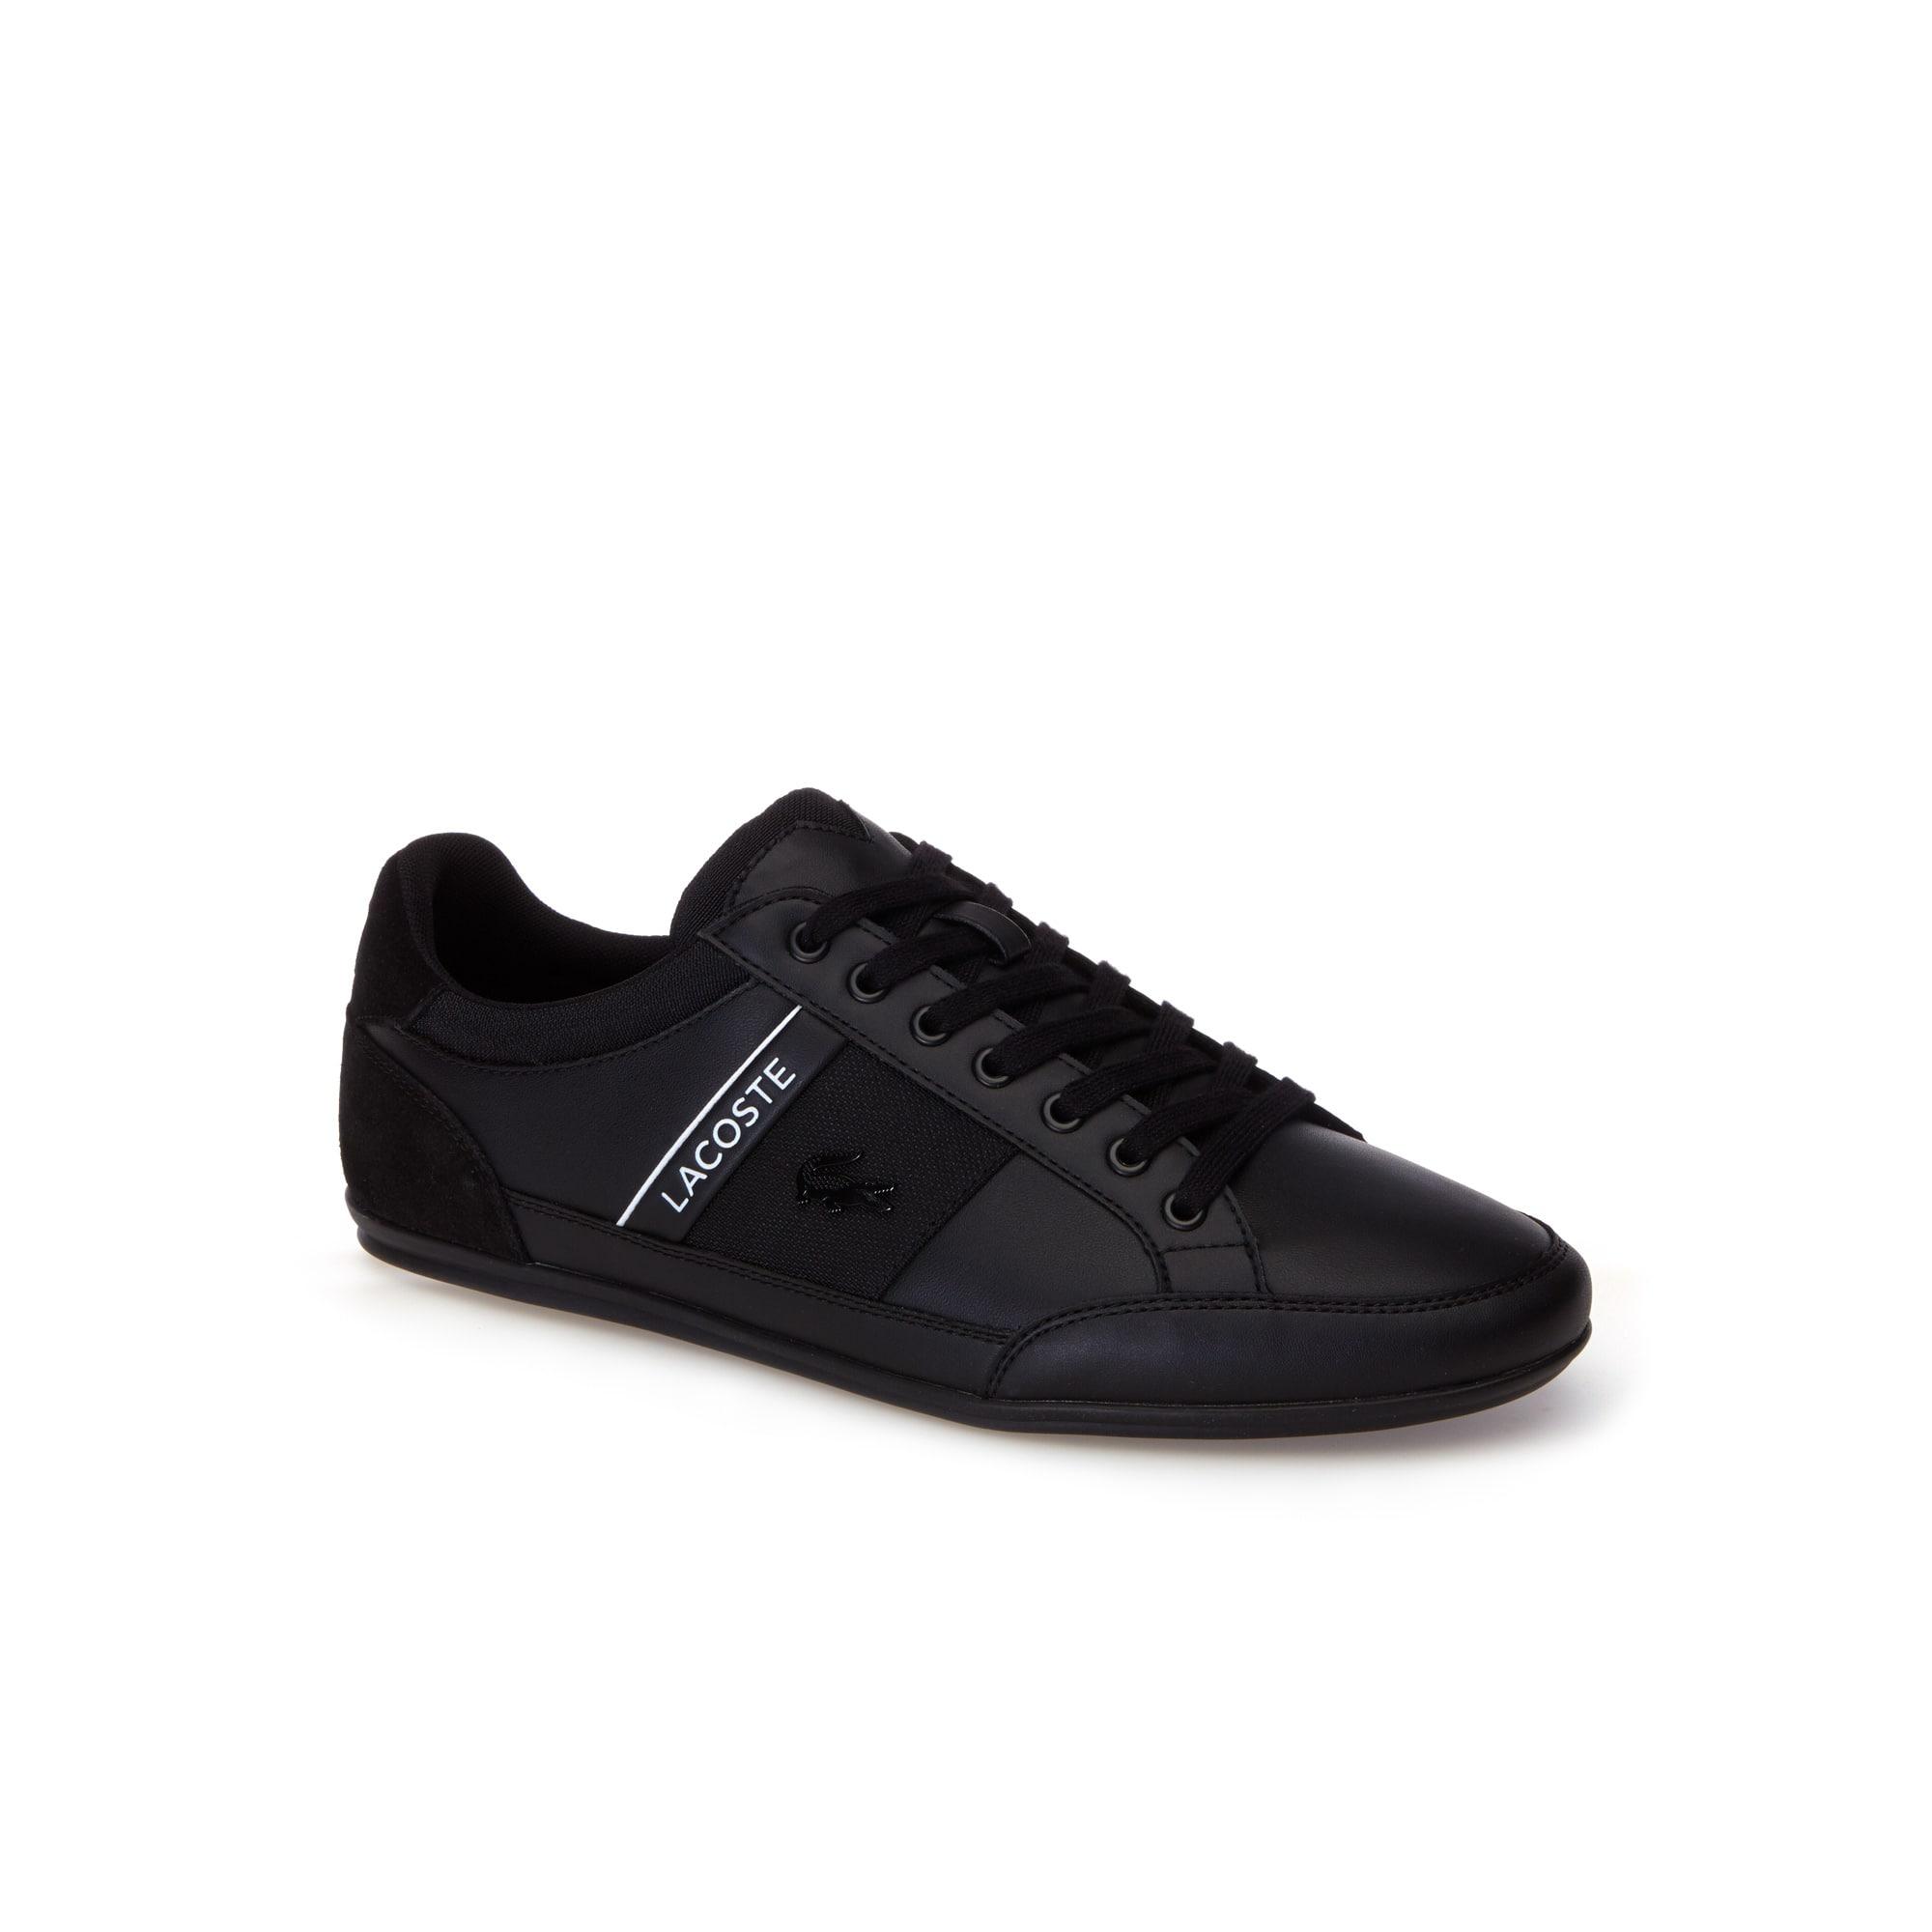 Sneakers Chaymon homme en cuir